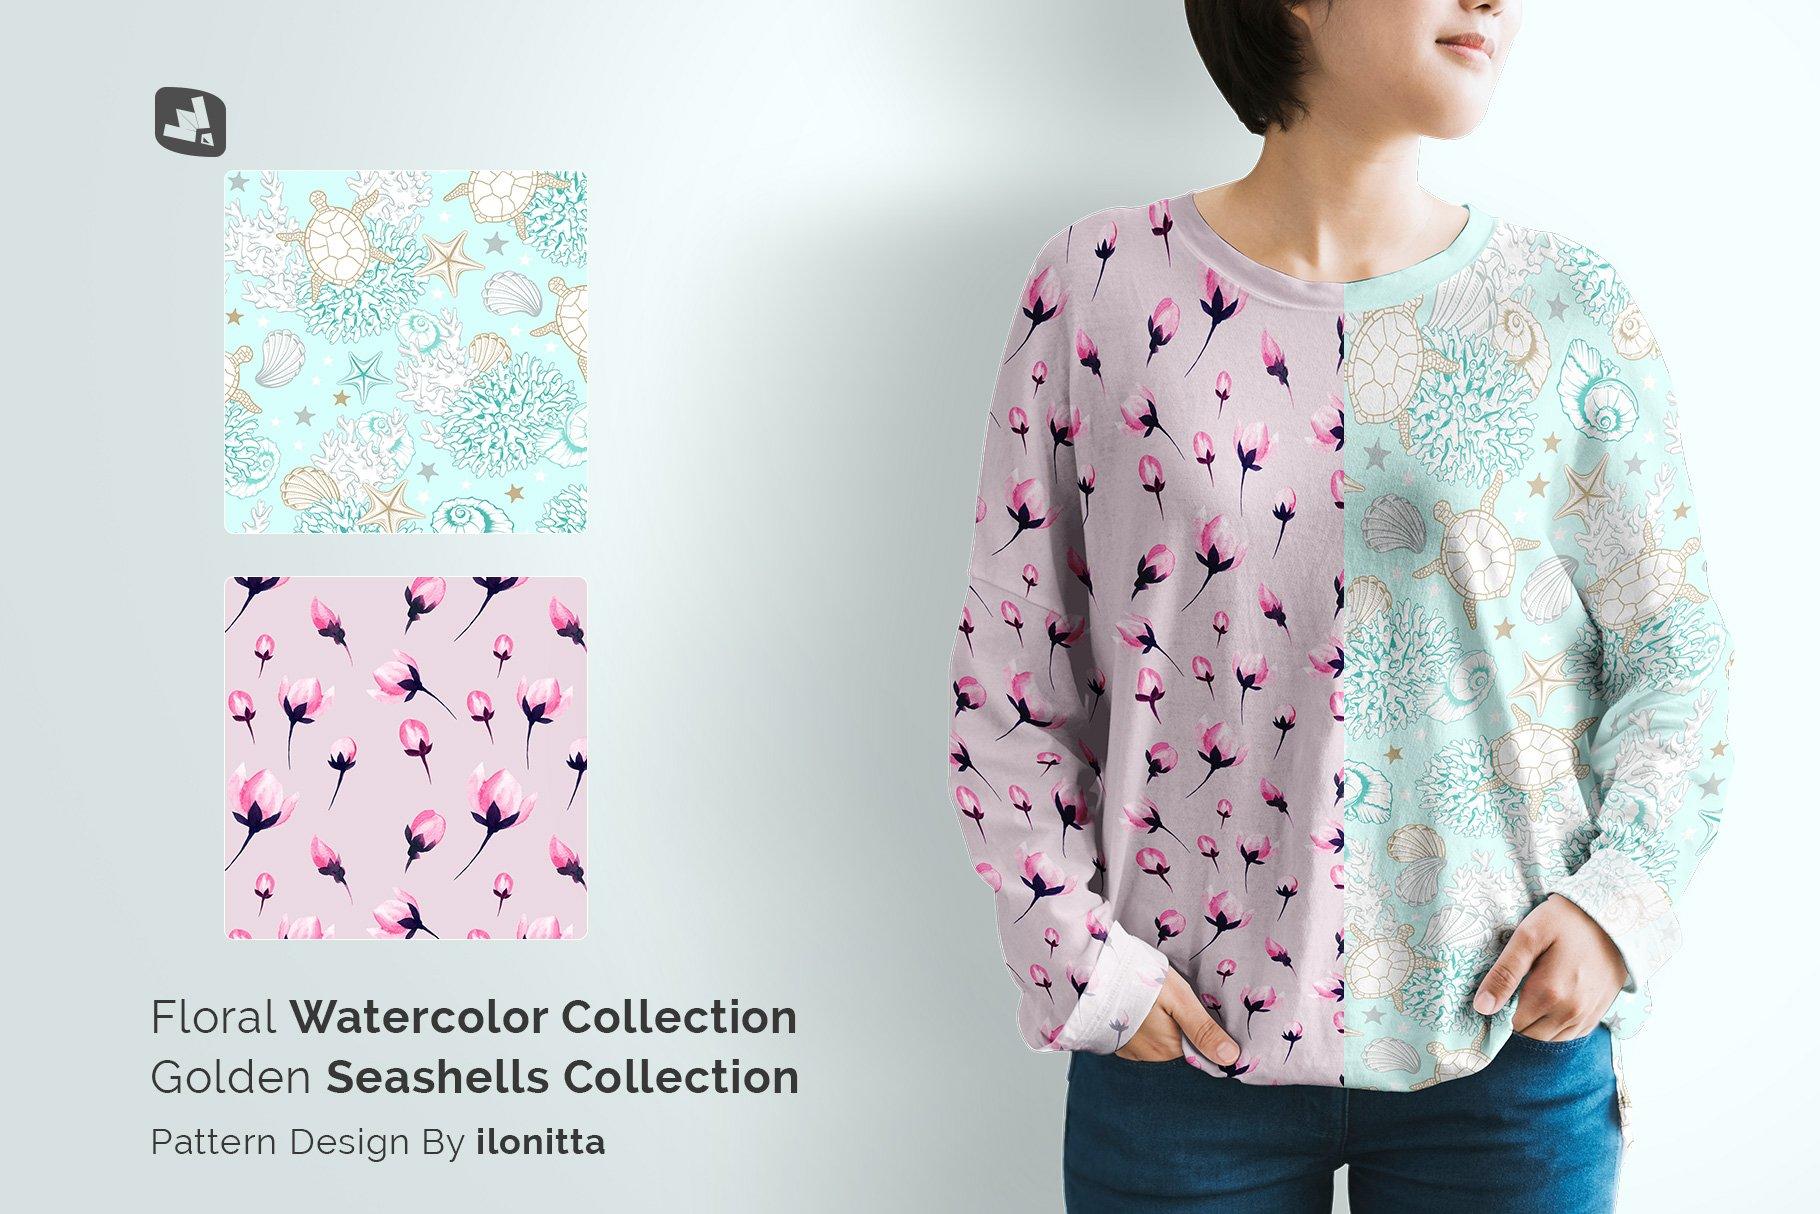 女士半袖T恤印花图案设计展示贴图样机模板素材 Womens Full Sleeve Tshirt Mockup插图8